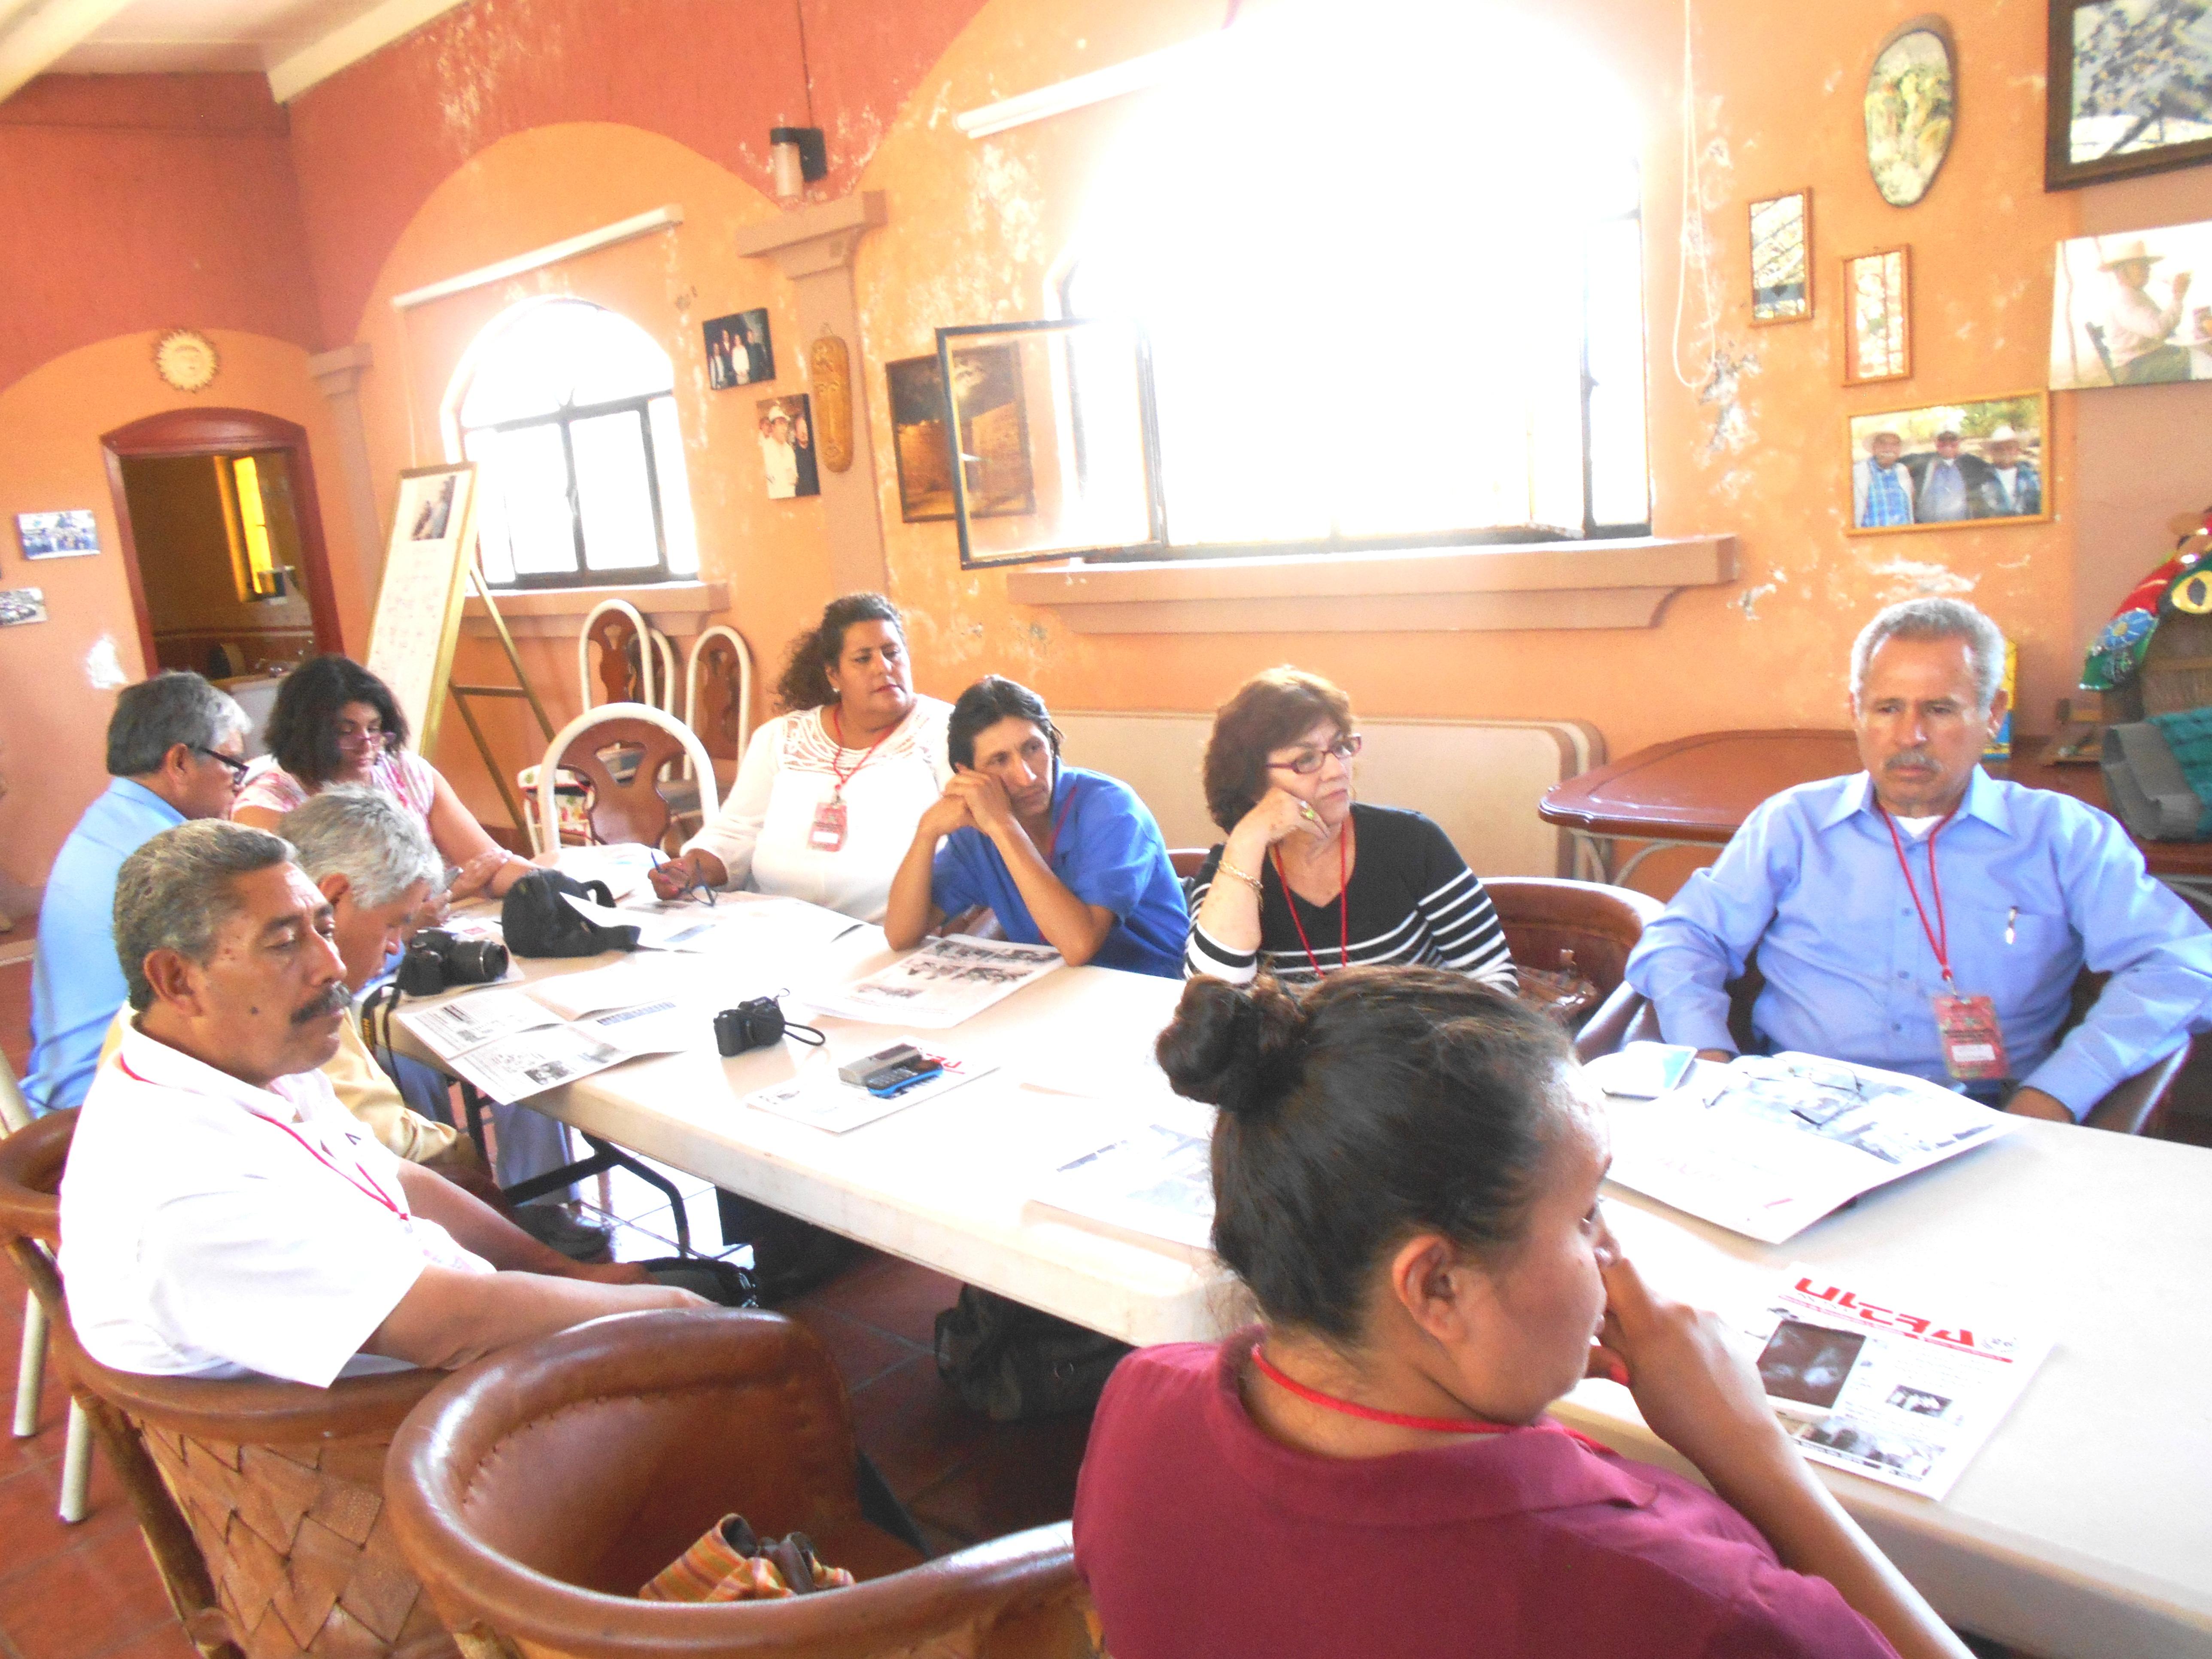 Asociados en Asamblea AMIPAC-APREFOJAC. Junio 4 de 2016. Eduardo Garibay Mares